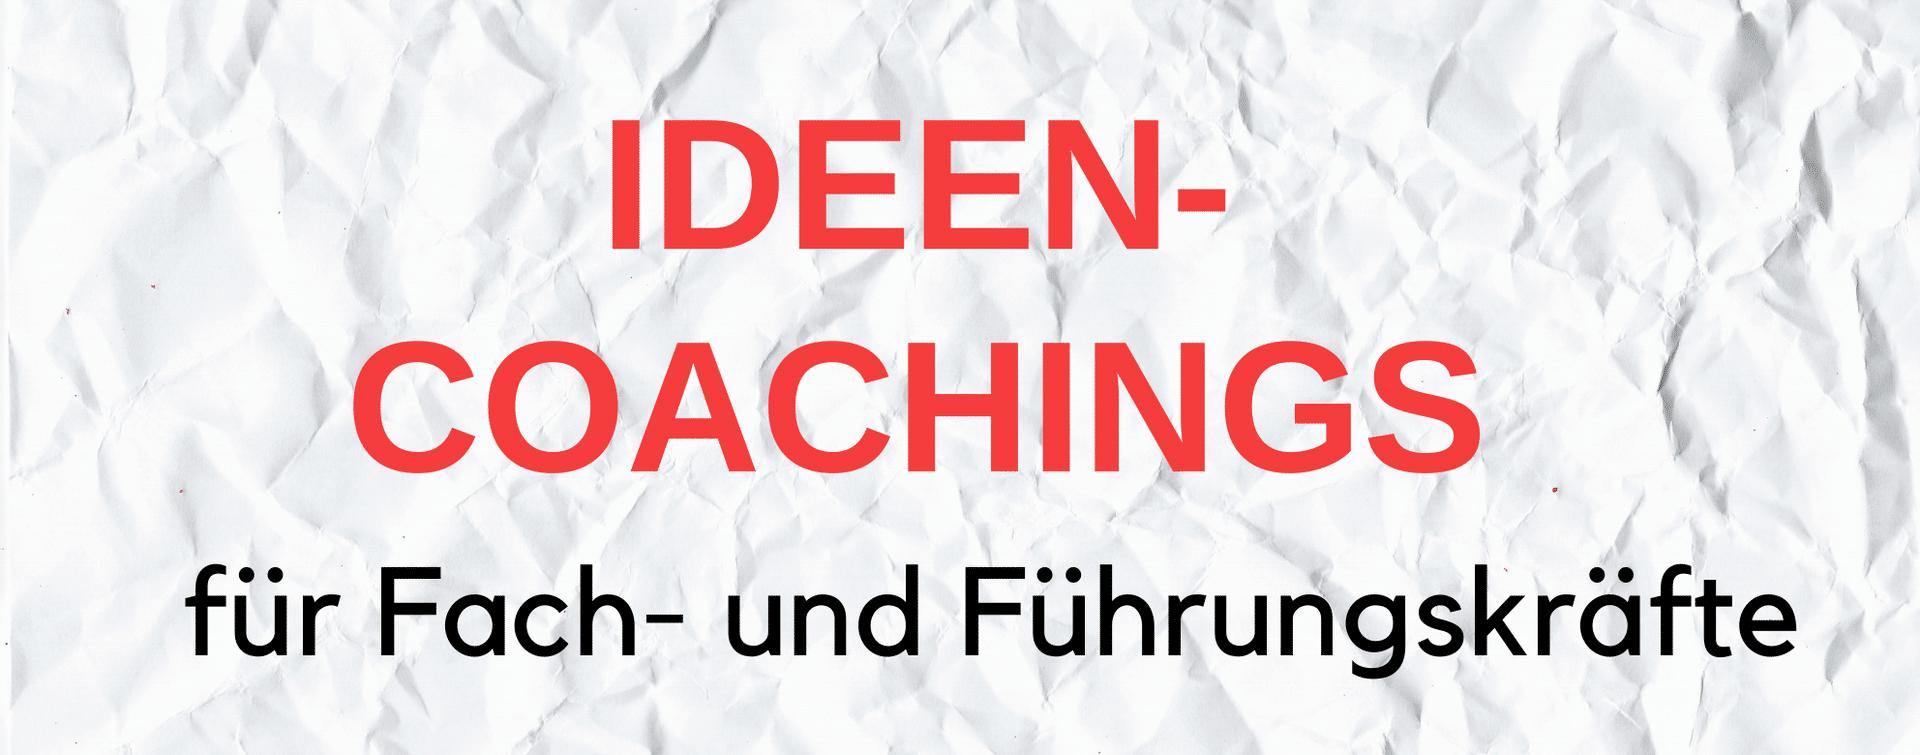 Ideen-coachings-fuer-fach-und-fuehrungskraefte